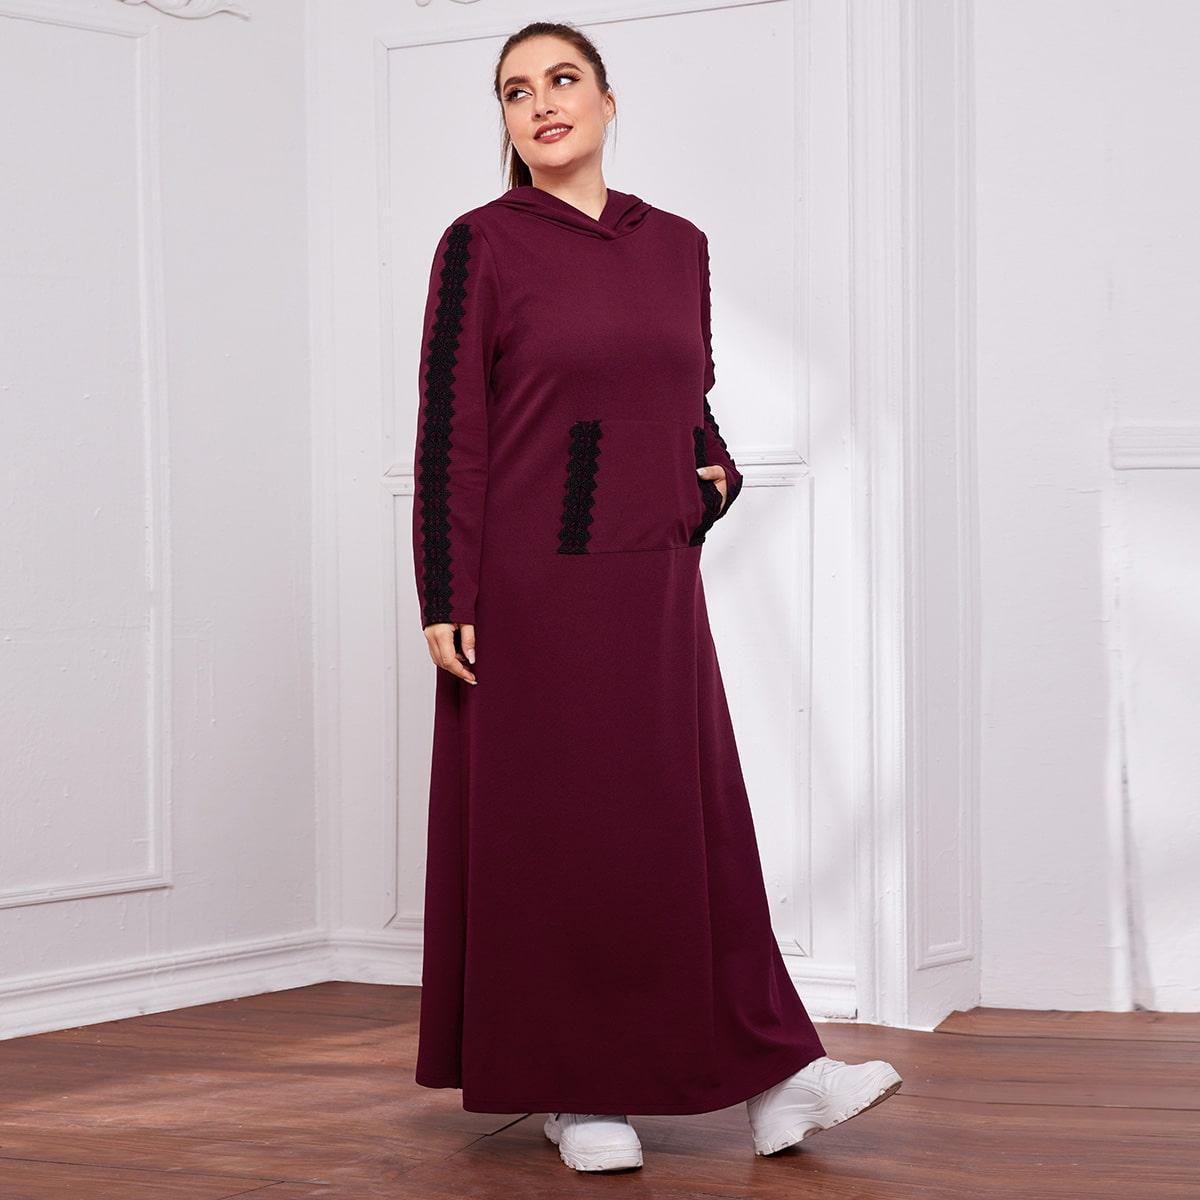 Платье размера плюс с капюшоном, карманом и кружевной отделкой